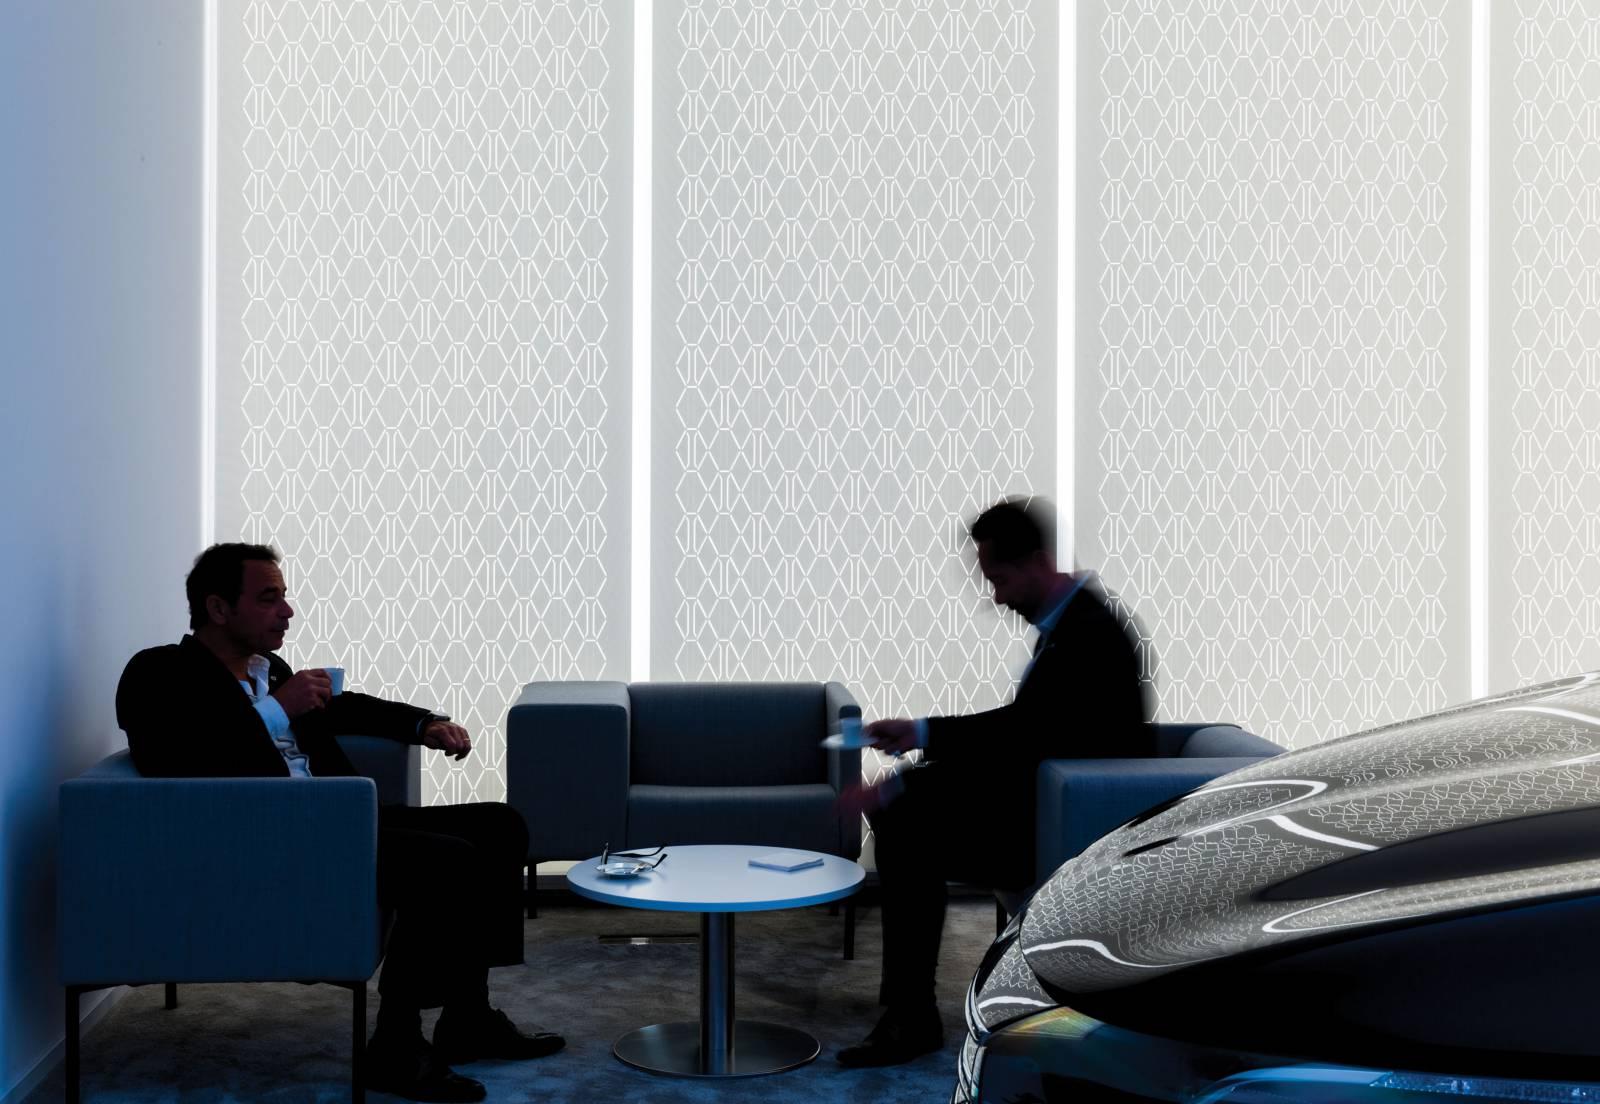 2 - Séparation d'espaces pour la marque INITIALE PARIS du groupe RENAULT